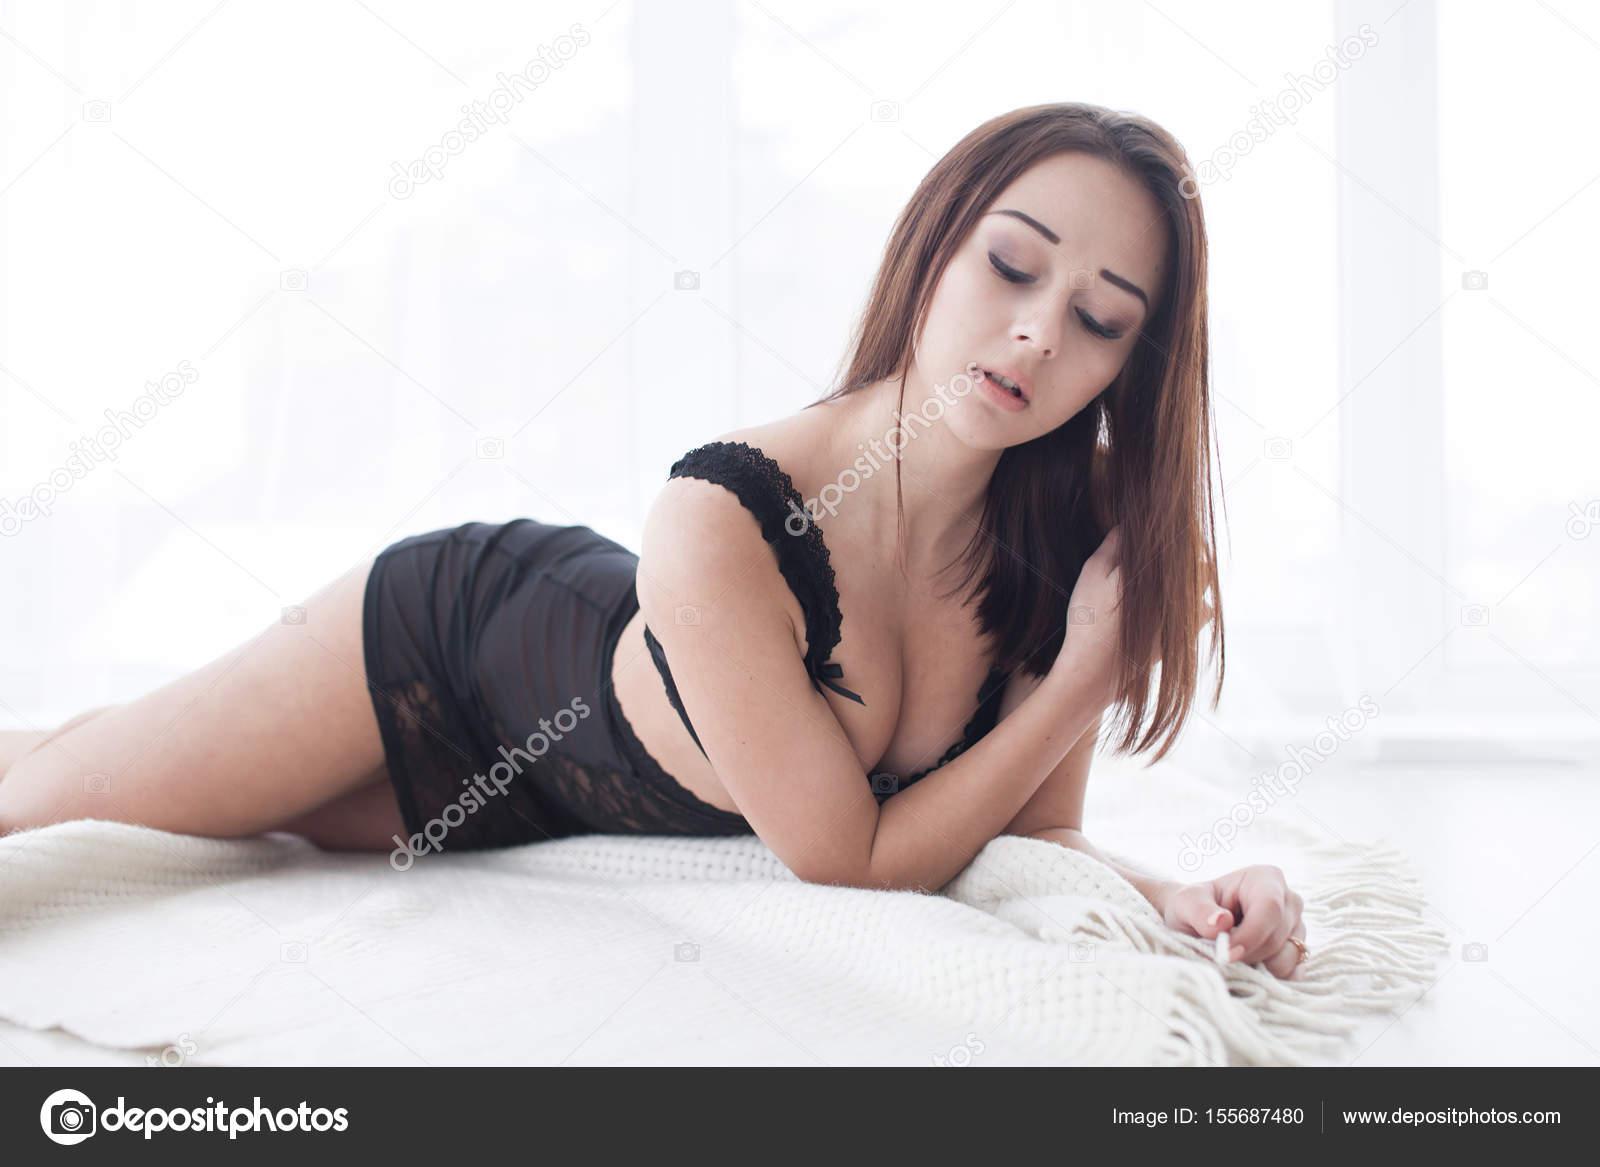 Эротика красивая форма тела, секс девушка ногами к верху